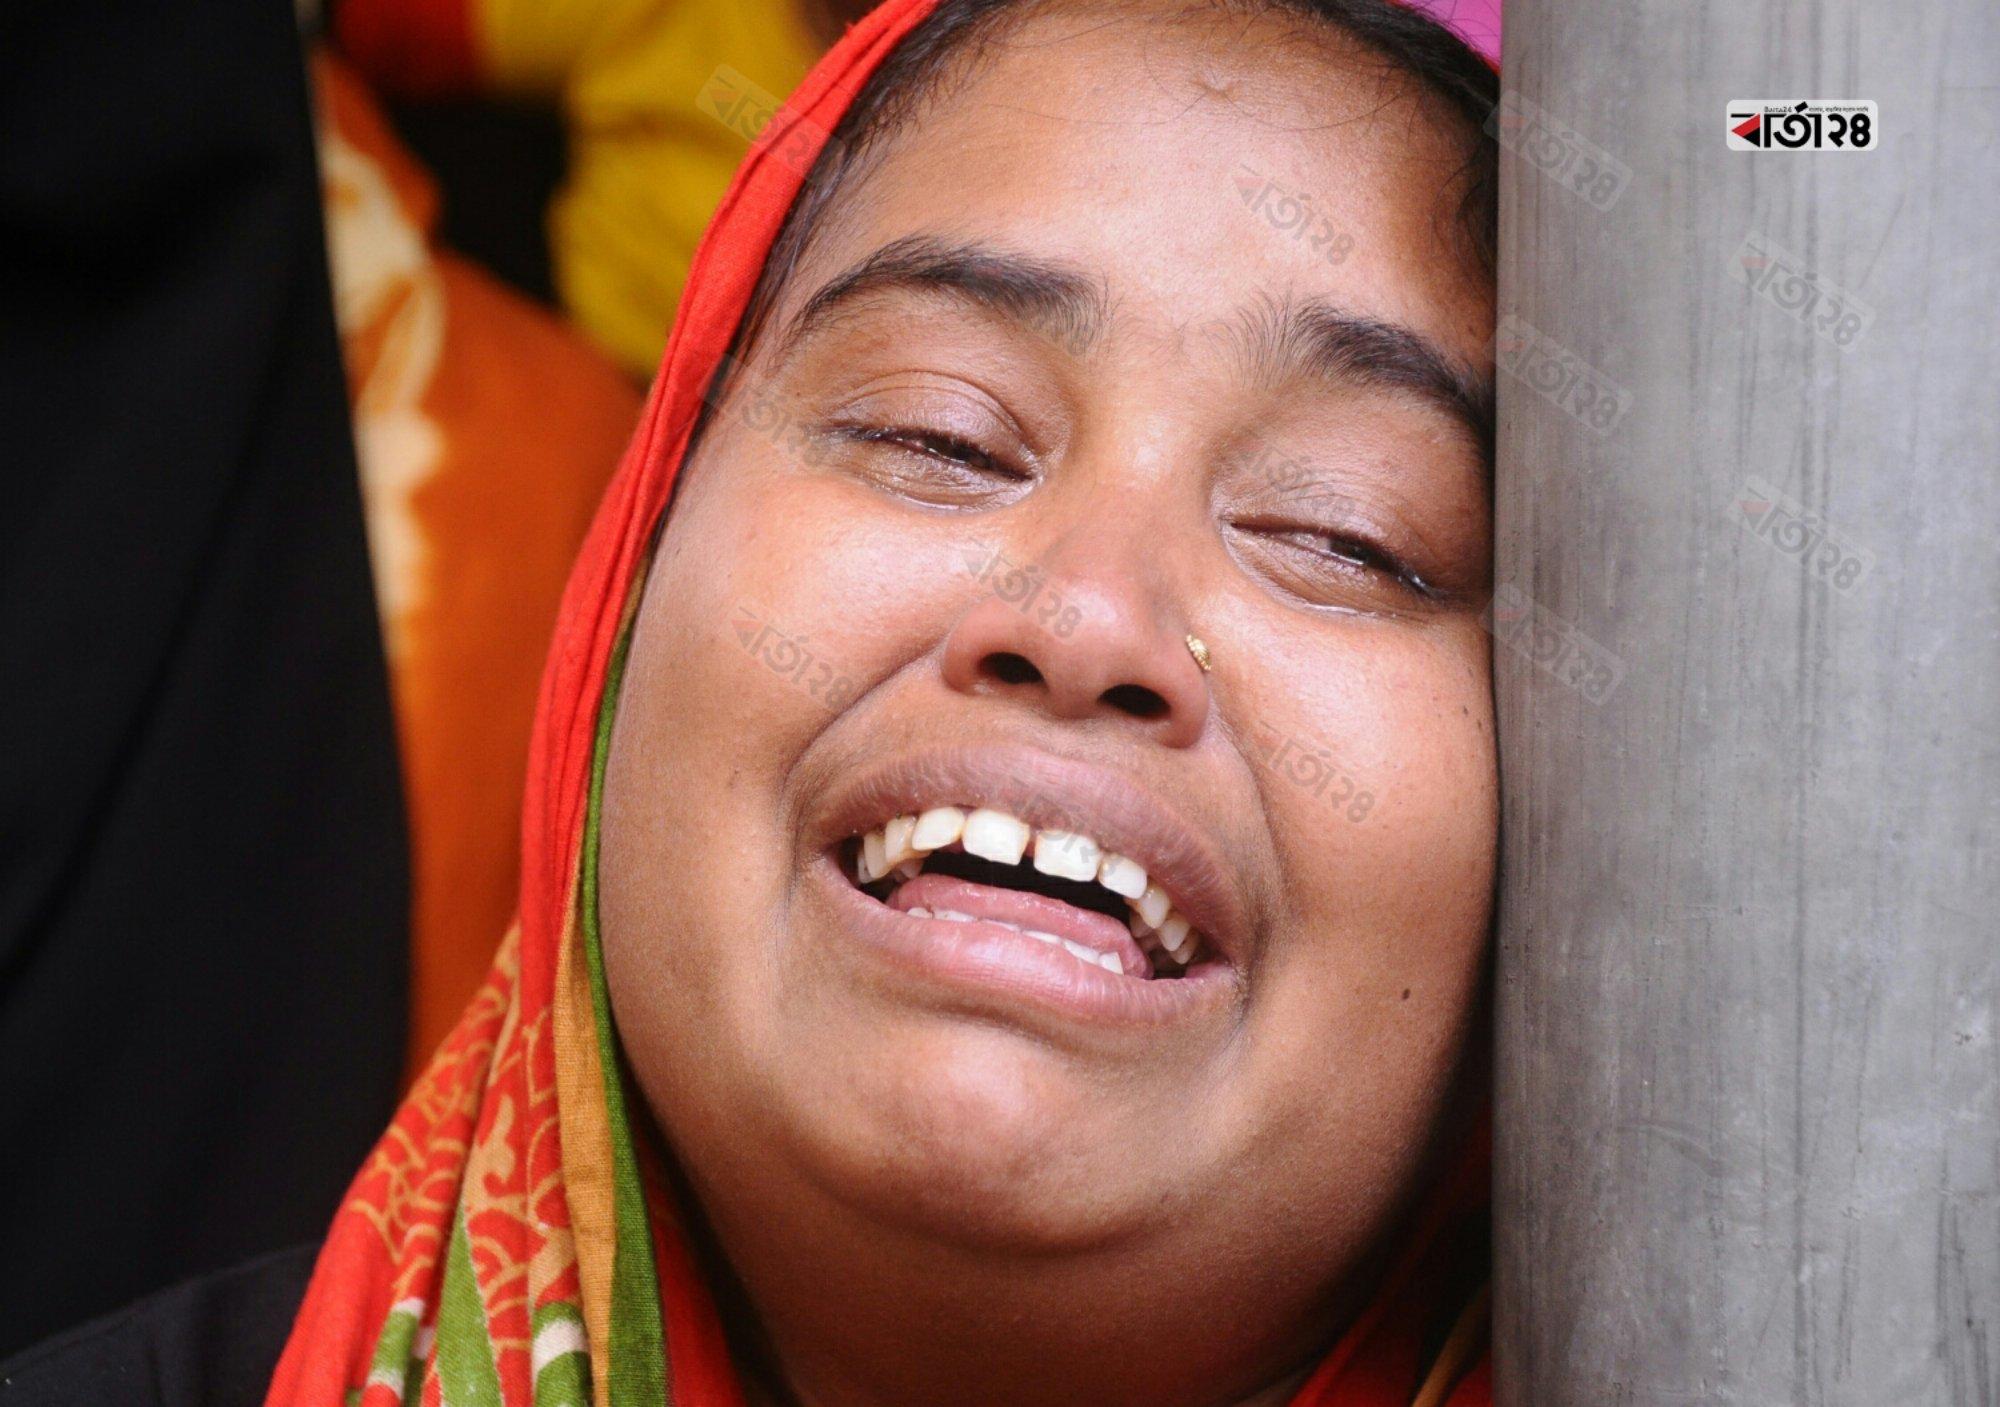 স্বজনদের কান্নায় ভারি হয়ে ওঠে পুরো ঢাকা মেডিকেল কলেজের মর্গ এলাকা। ছবি : সৈয়দ মেহেদী হাসান